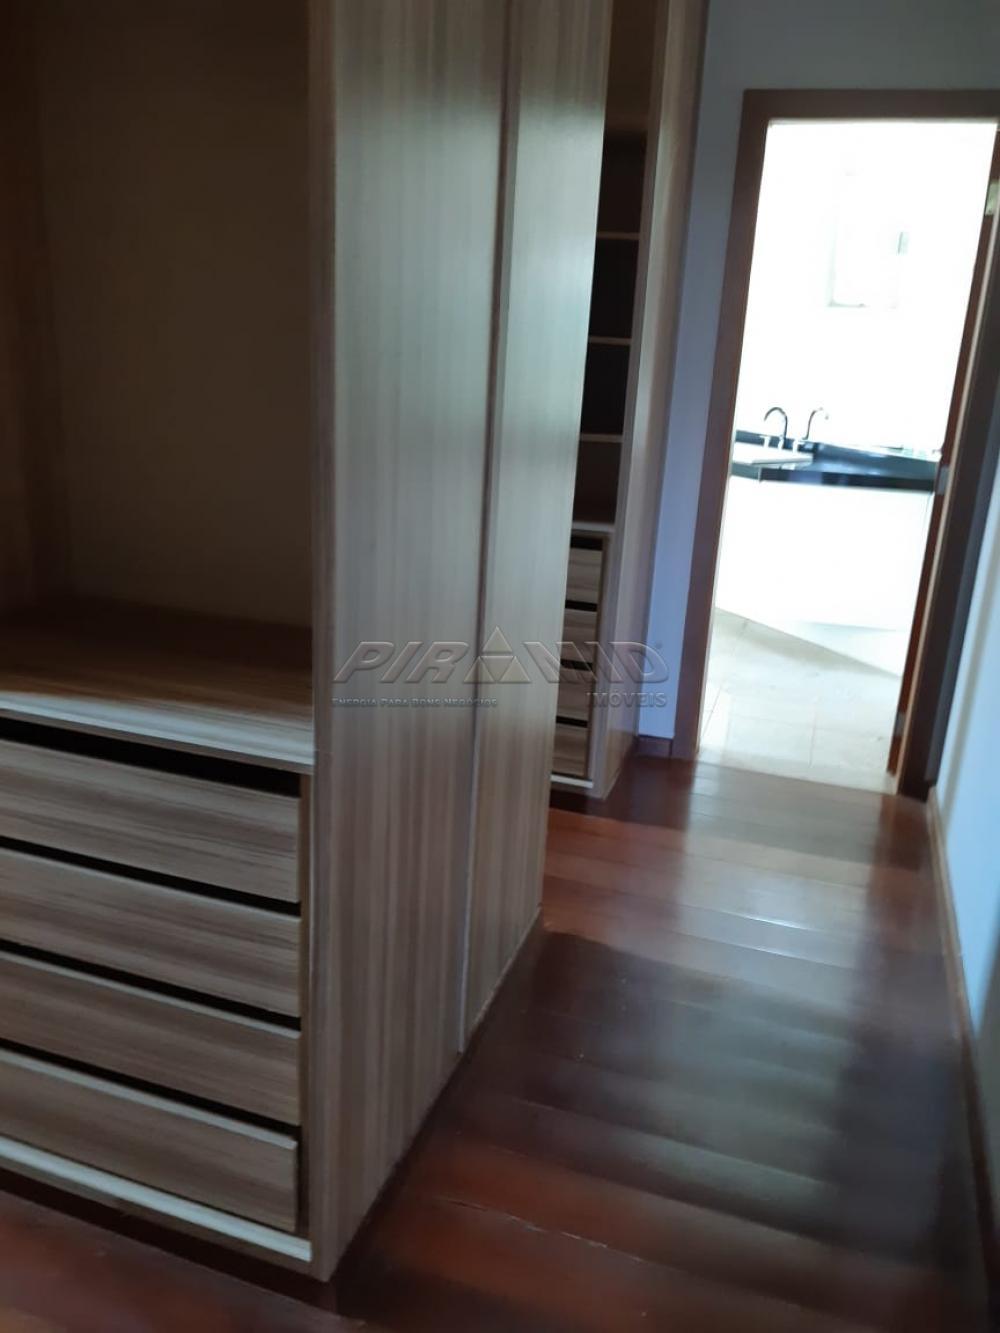 Alugar Casa / Condomínio em Ribeirão Preto apenas R$ 12.000,00 - Foto 10